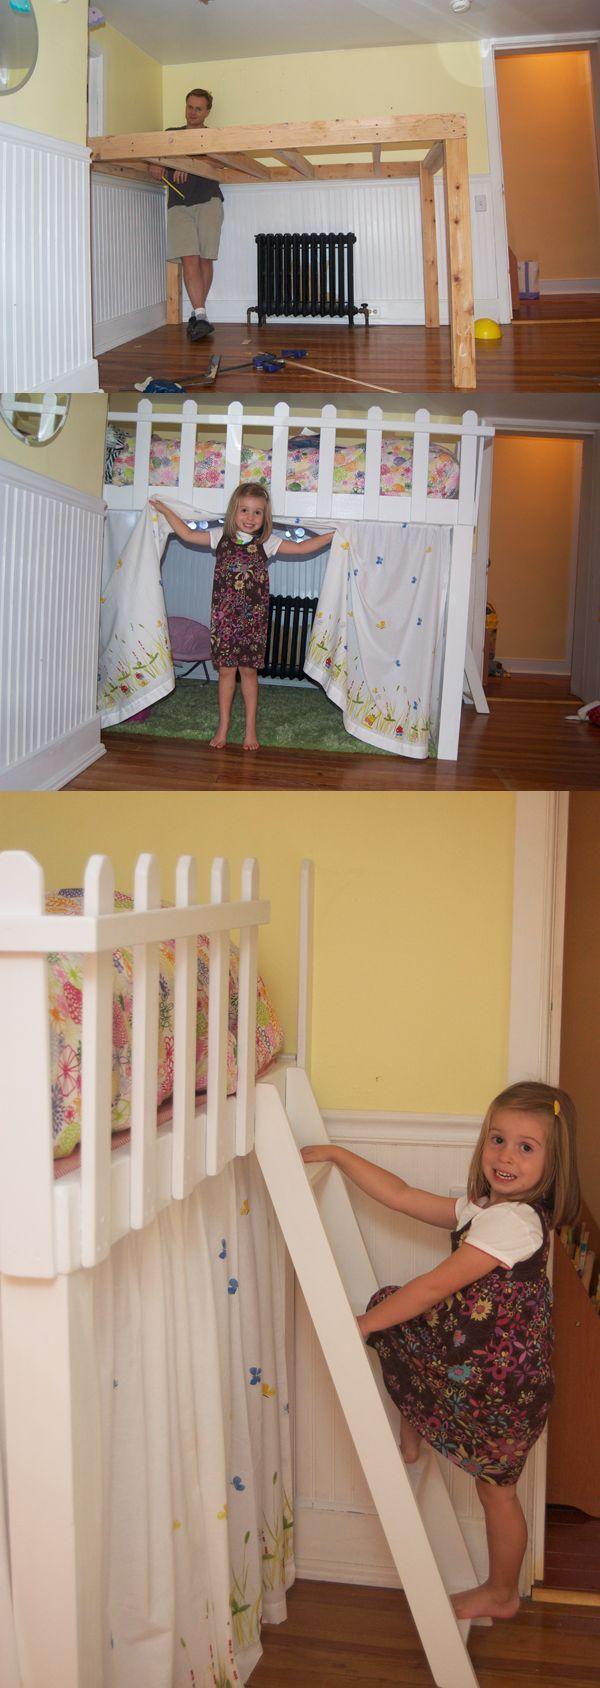 Homemade loft bed ideas  just a little handmade love  Home ideas  Pinterest  Lofts Girls